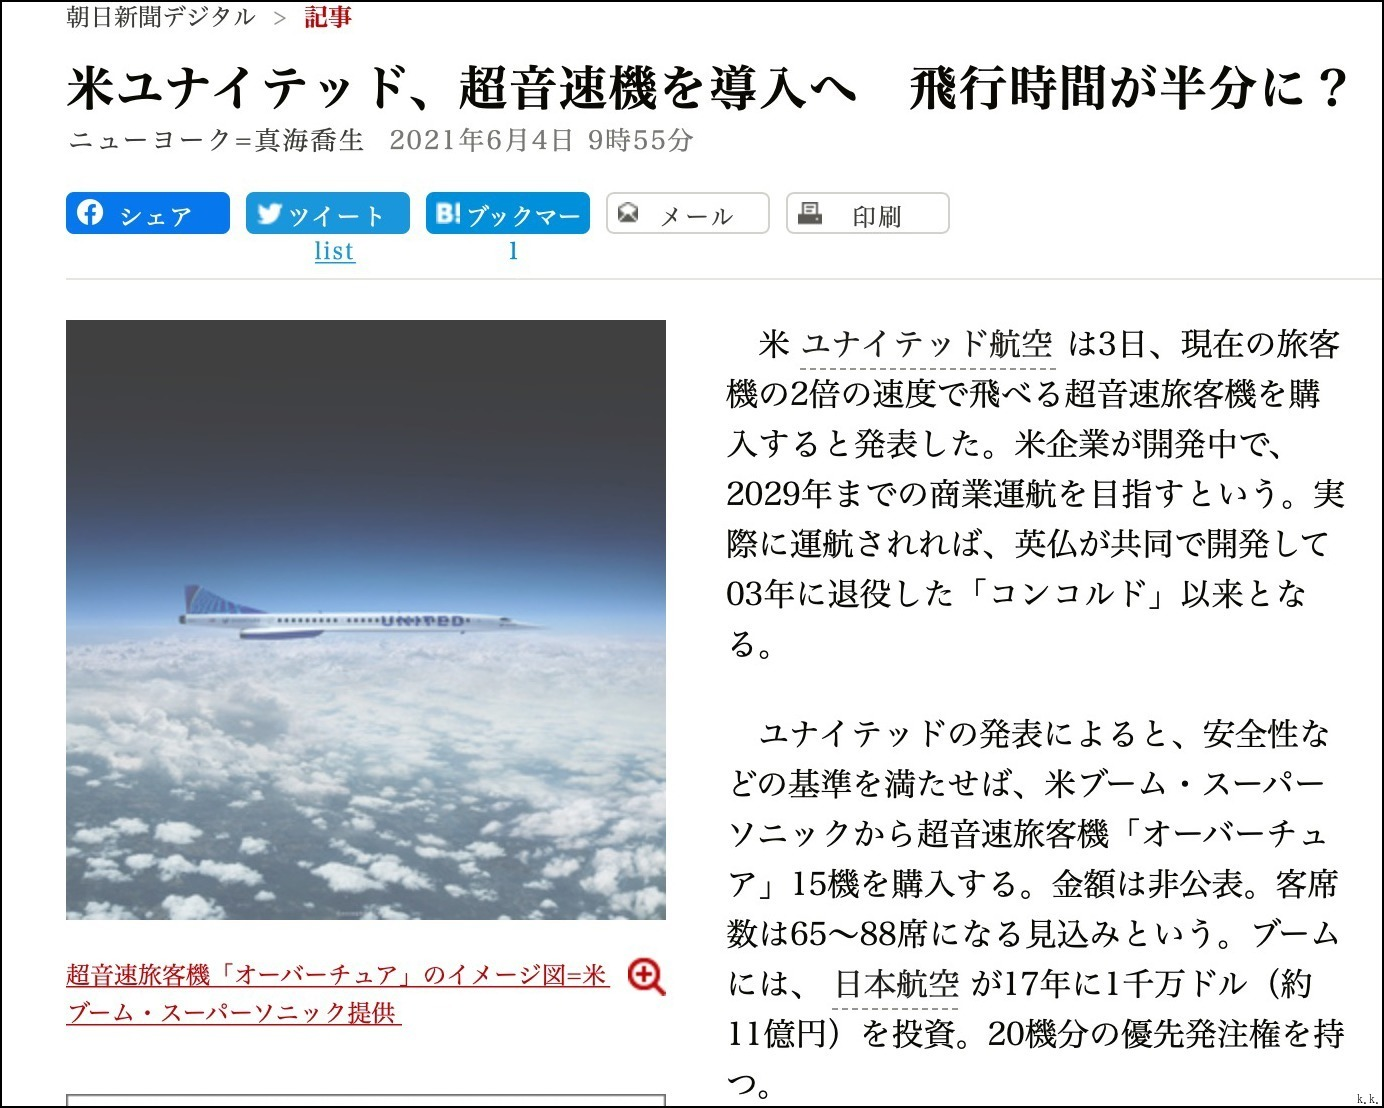 <米ユナイテッド、超音速機を導入へ 飛行時間が半分に>_a0031363_19370909.jpg